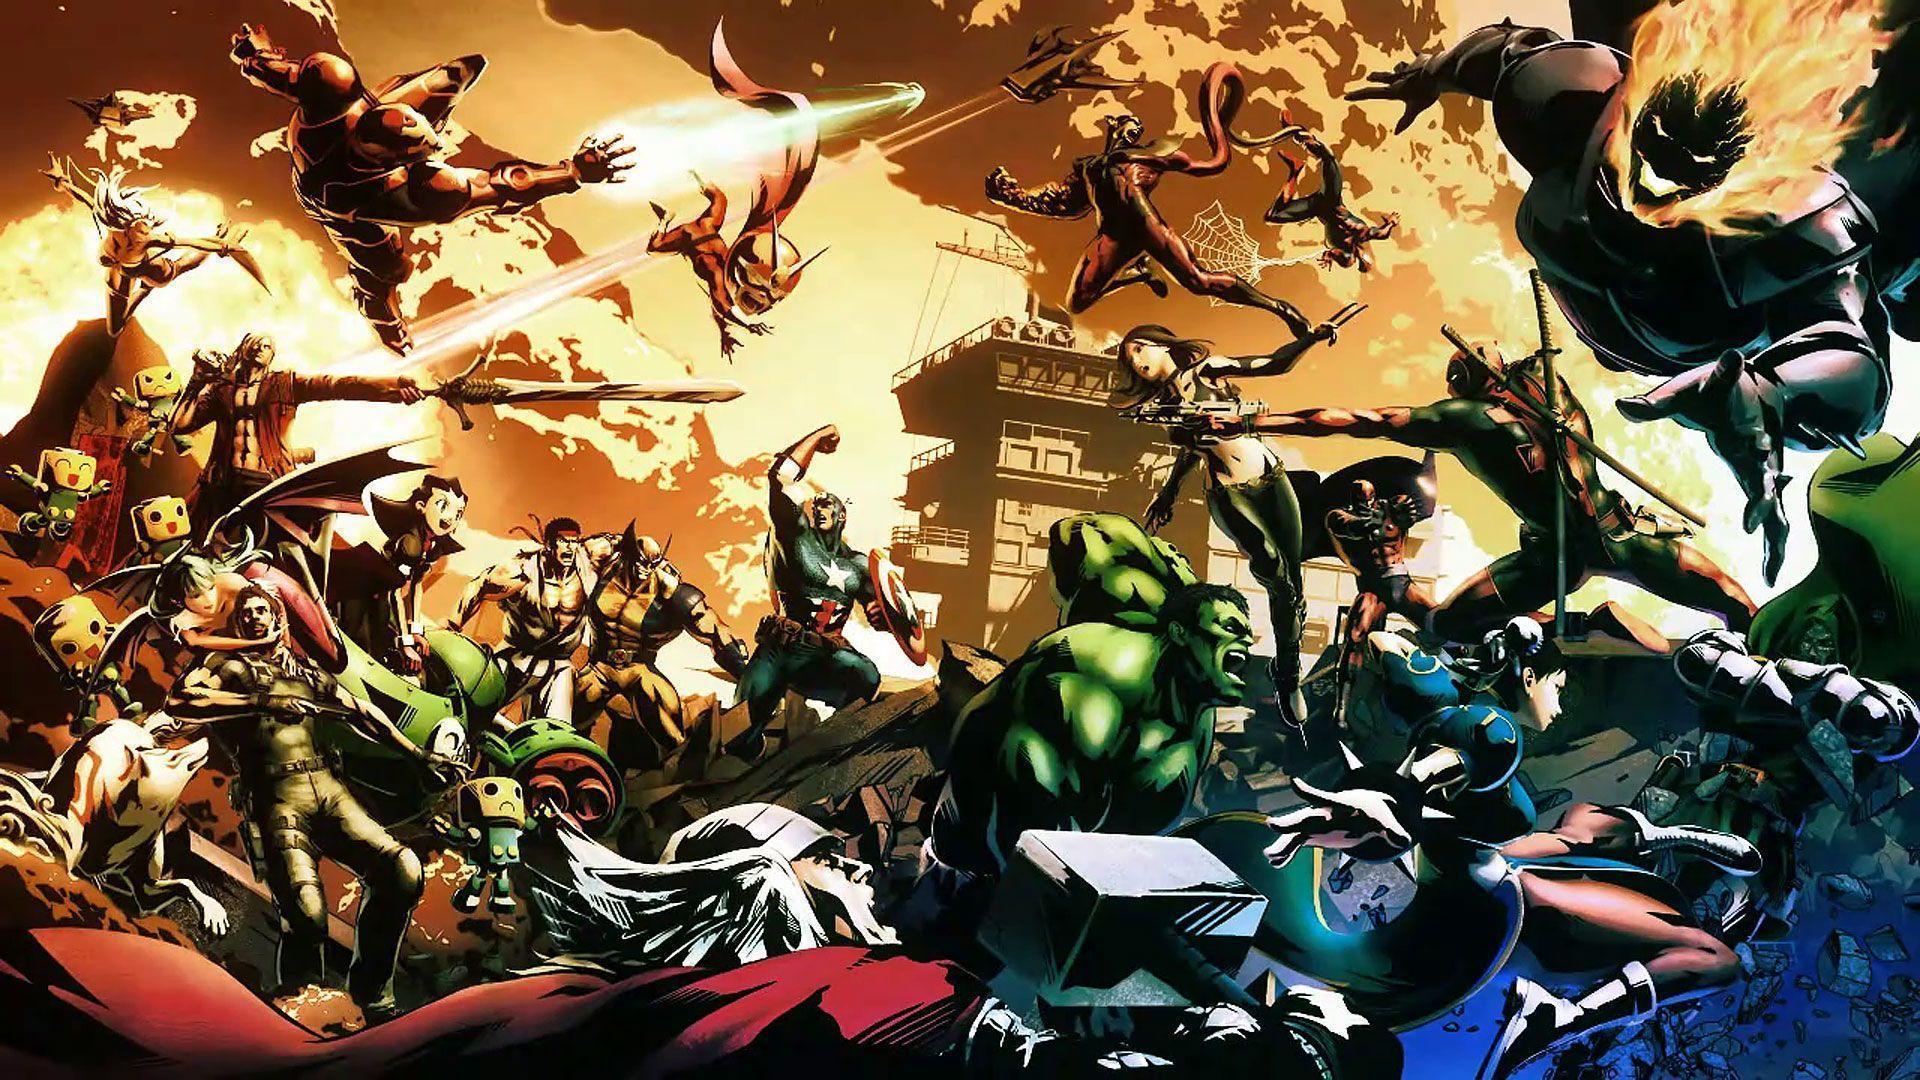 Marvel Vs Capcom 3 Wallpapers Wallpaper Cave